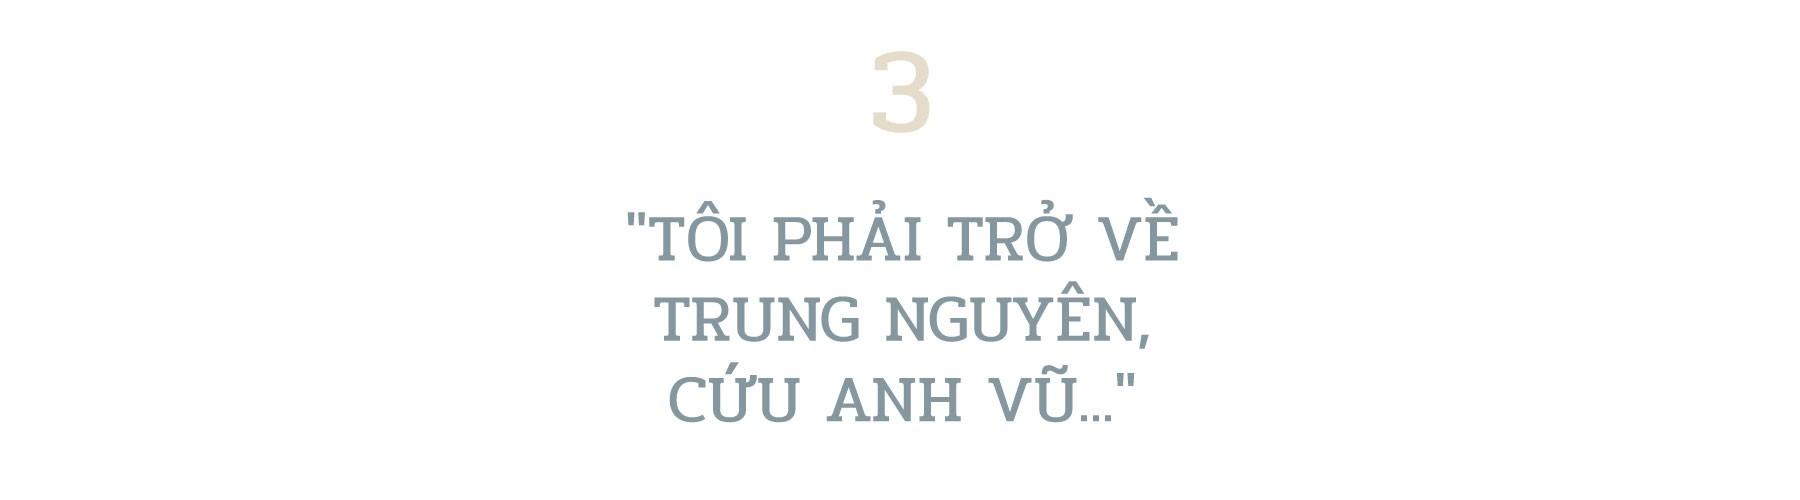 (eMagazine) - Bà Lê Hoàng Diệp Thảo: Trung Nguyên là nhà, tôi phải trở về - Ảnh 13.